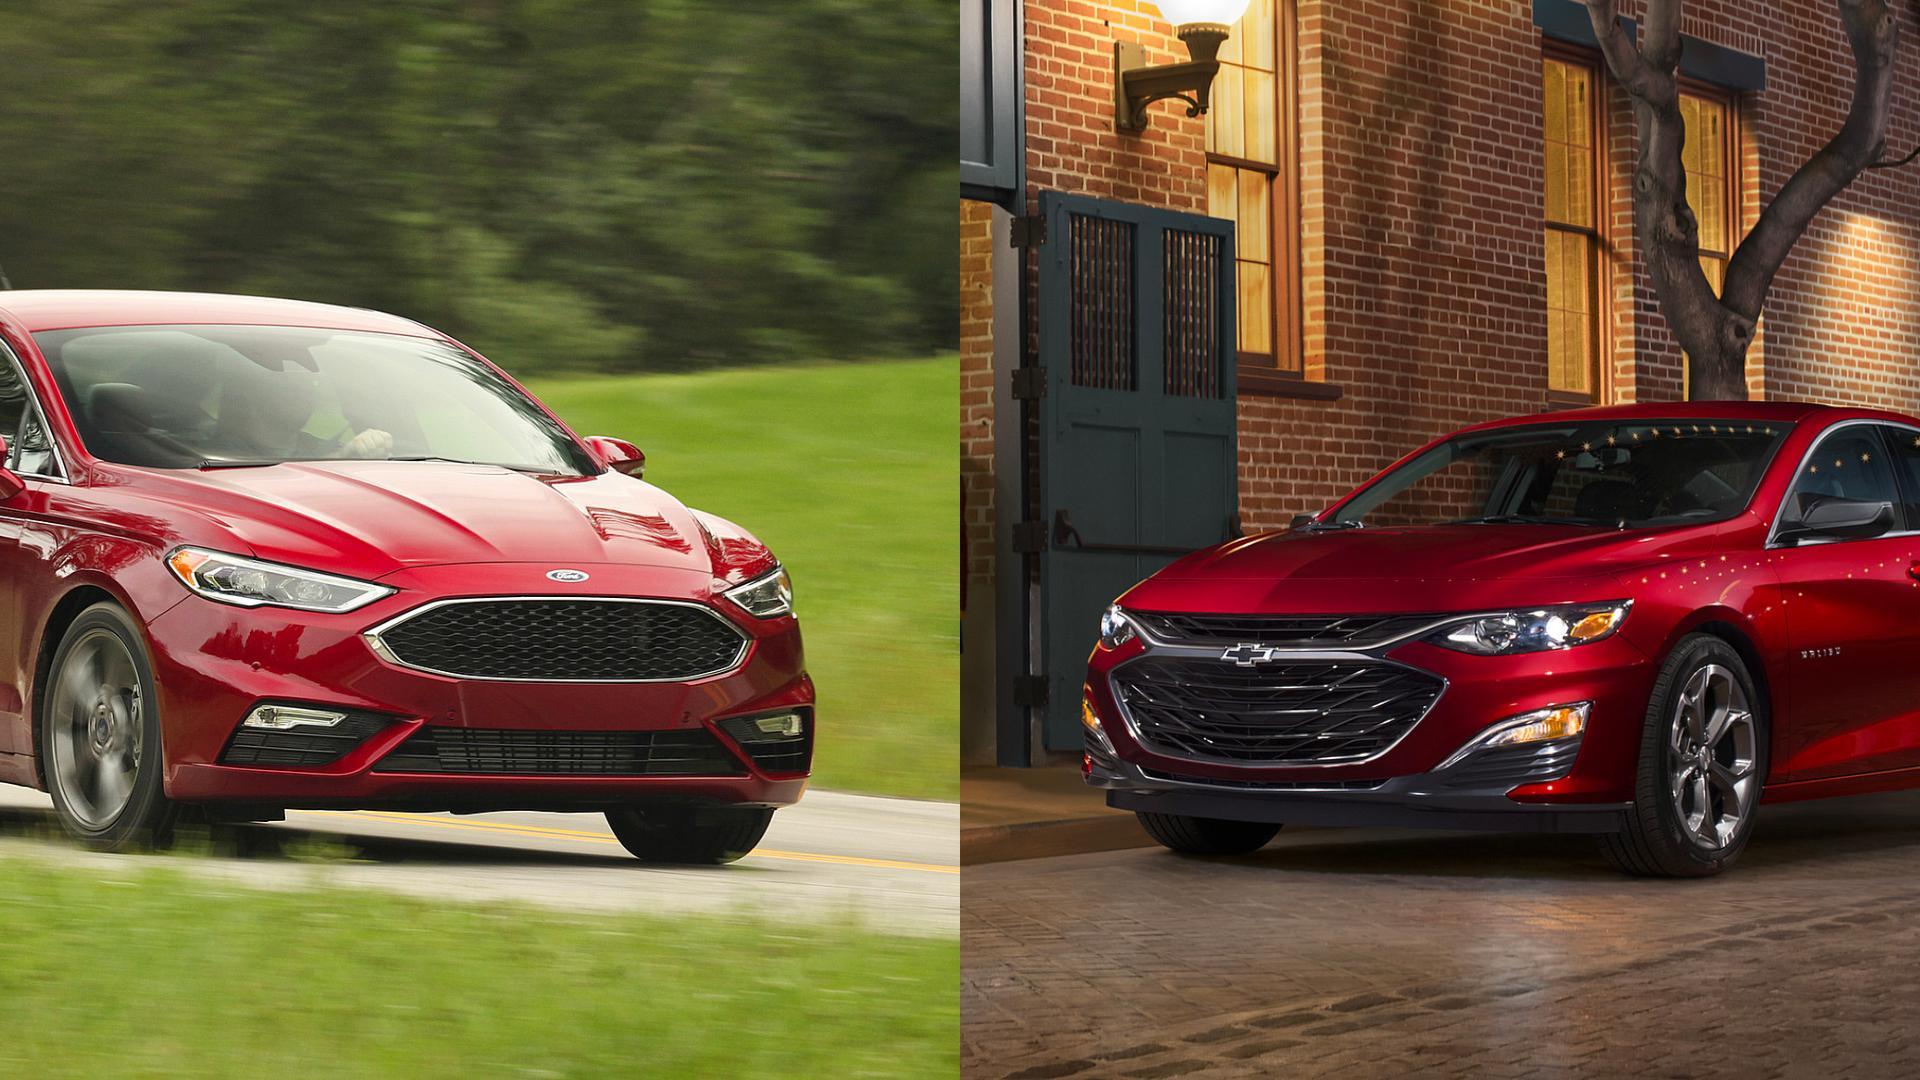 Ford Fusion vs Chevy Malibu